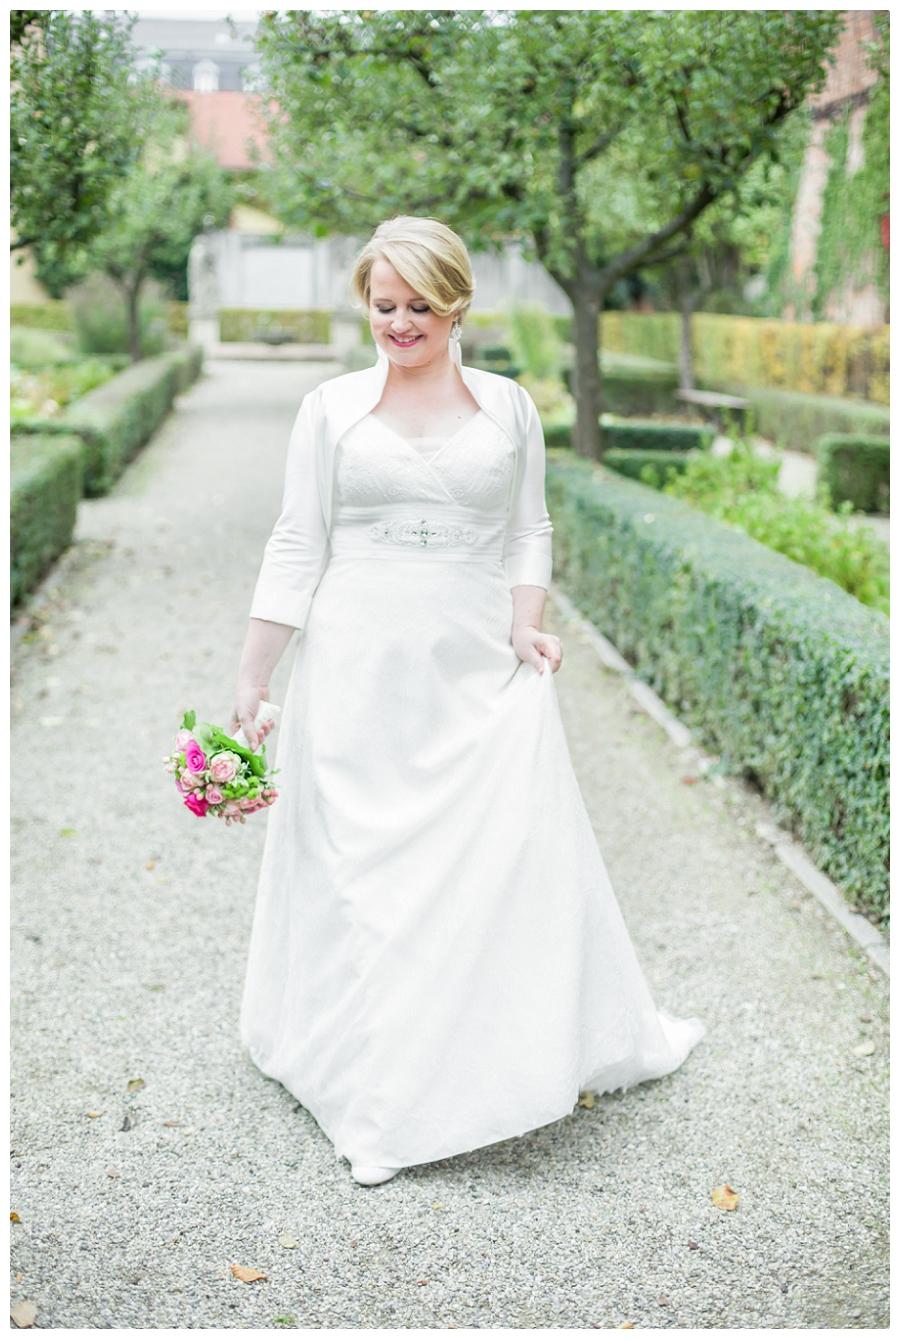 Hochzeitsbilder_ClaudiaPelny_Nuernberg_0022